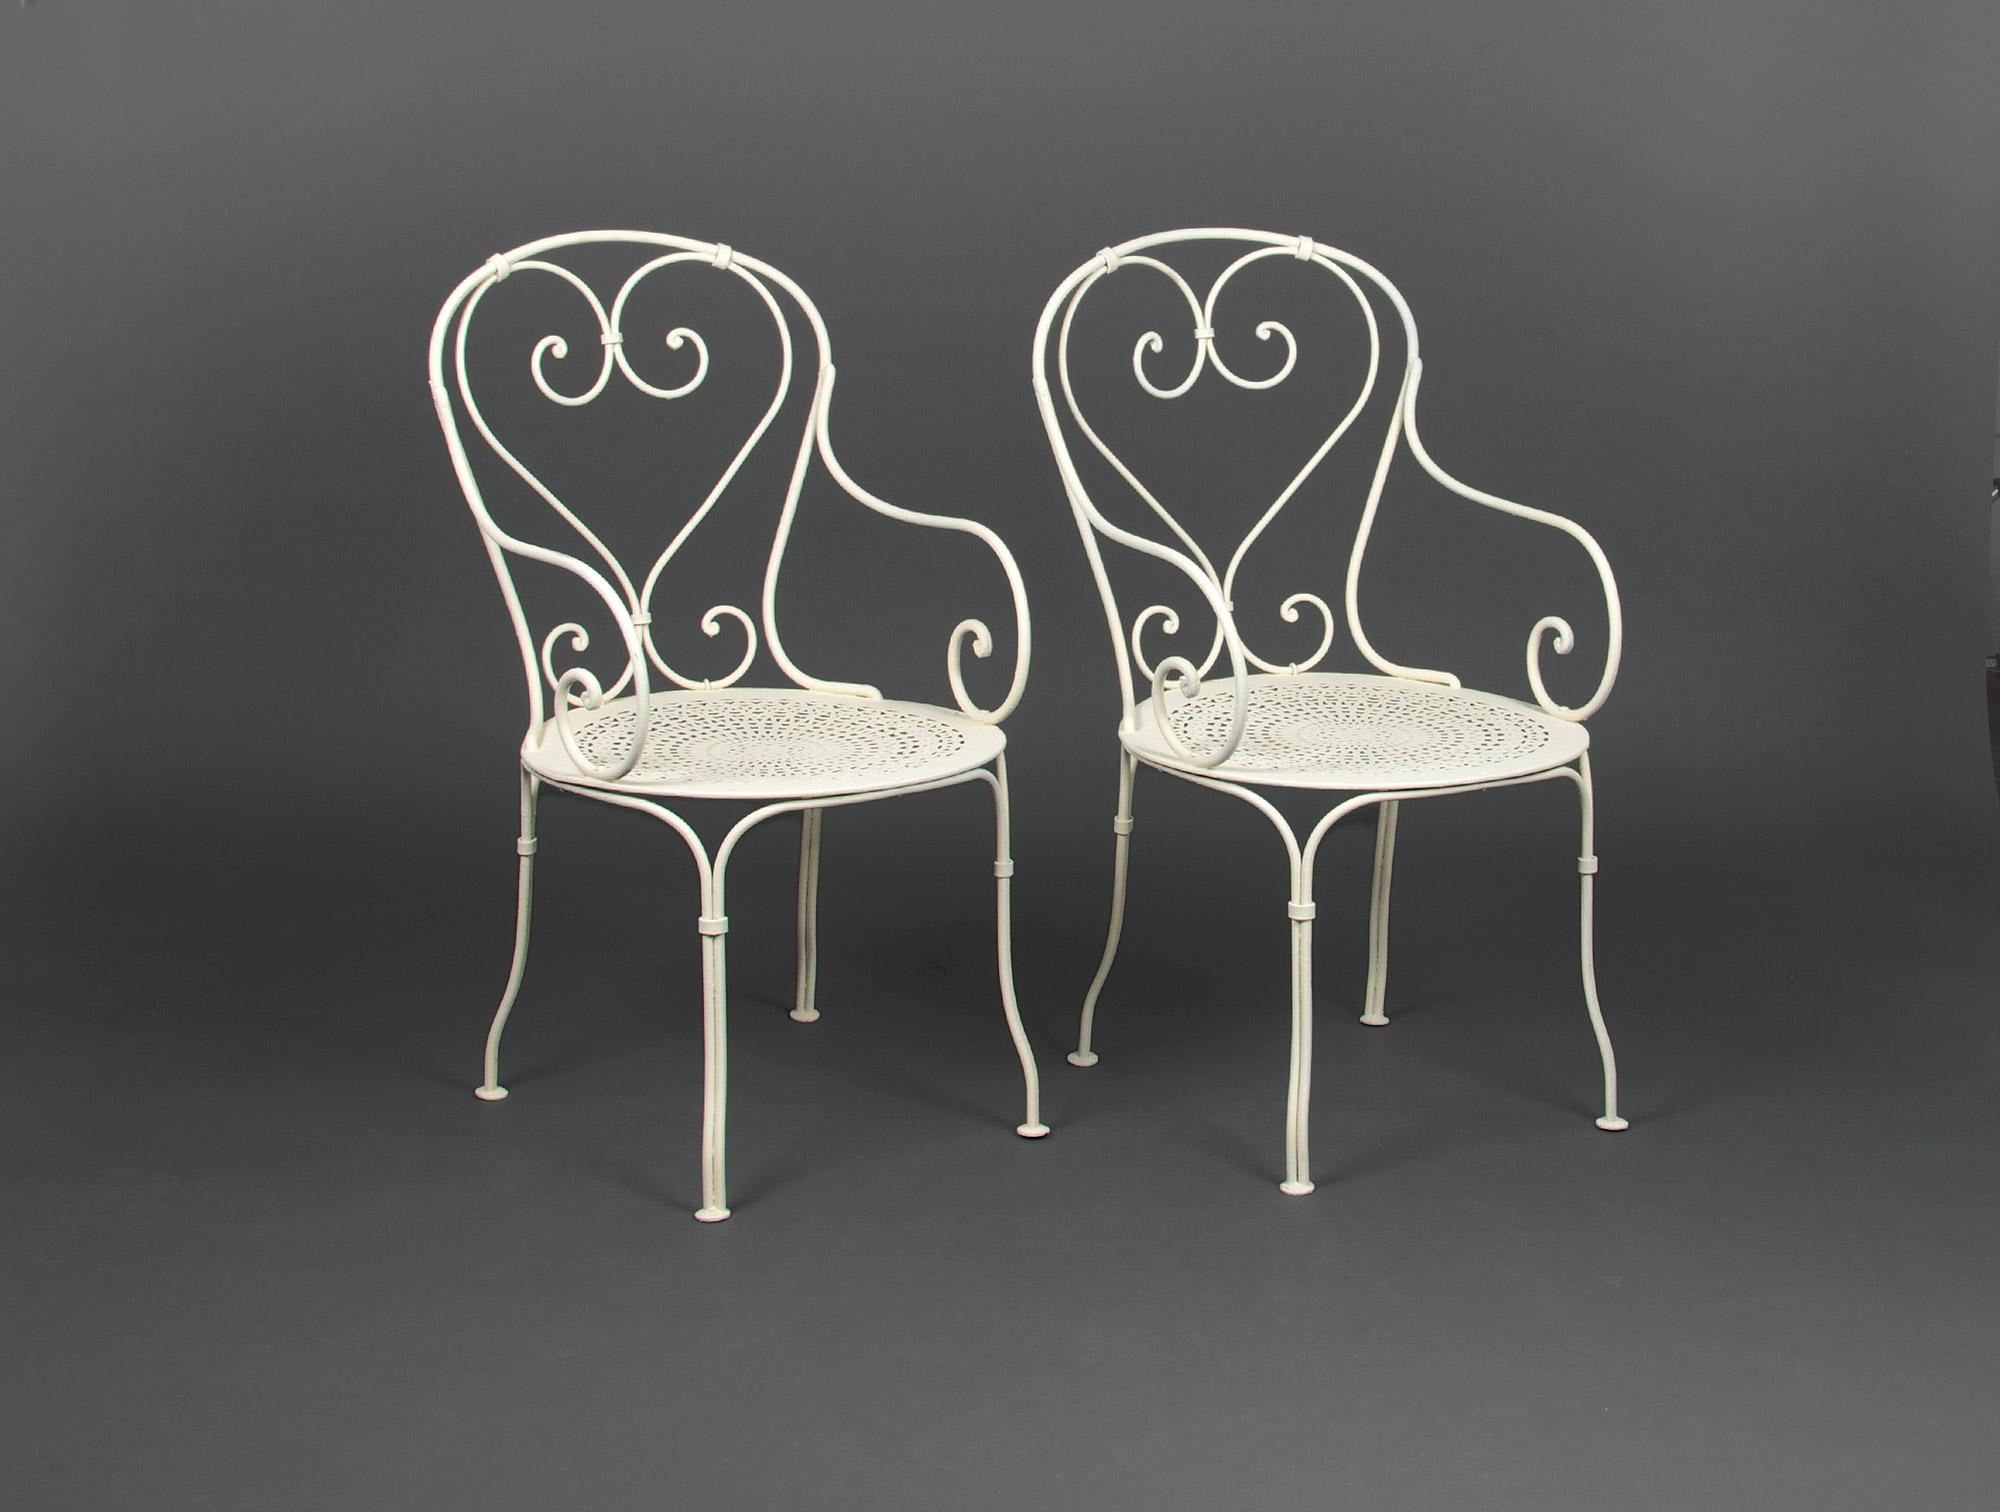 fauteuils de jardin en fer forg soubrier louer mobiliers meuble de jardin xxe. Black Bedroom Furniture Sets. Home Design Ideas